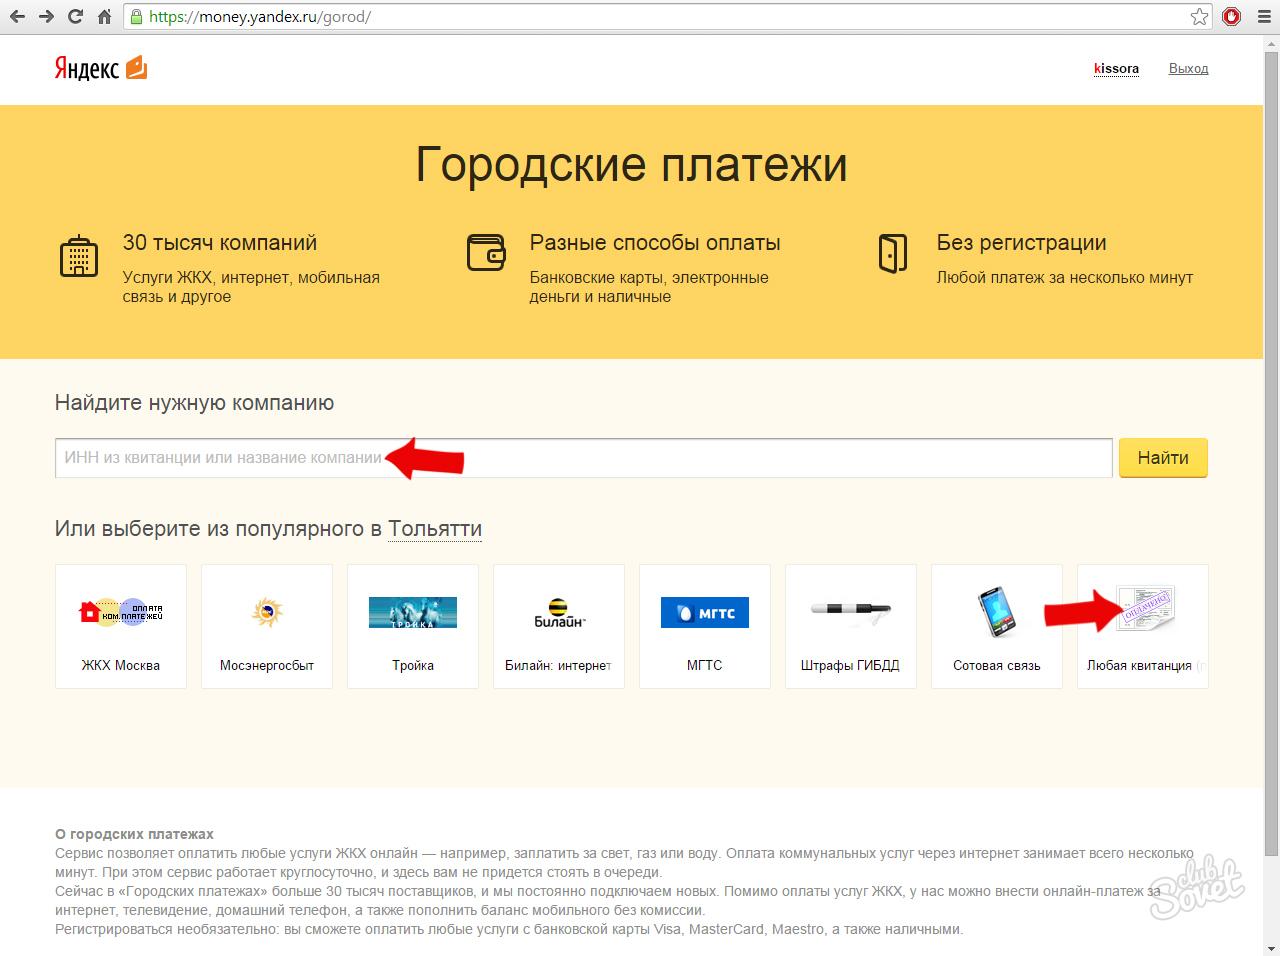 Электронные Регистрации Деньги Без лестница